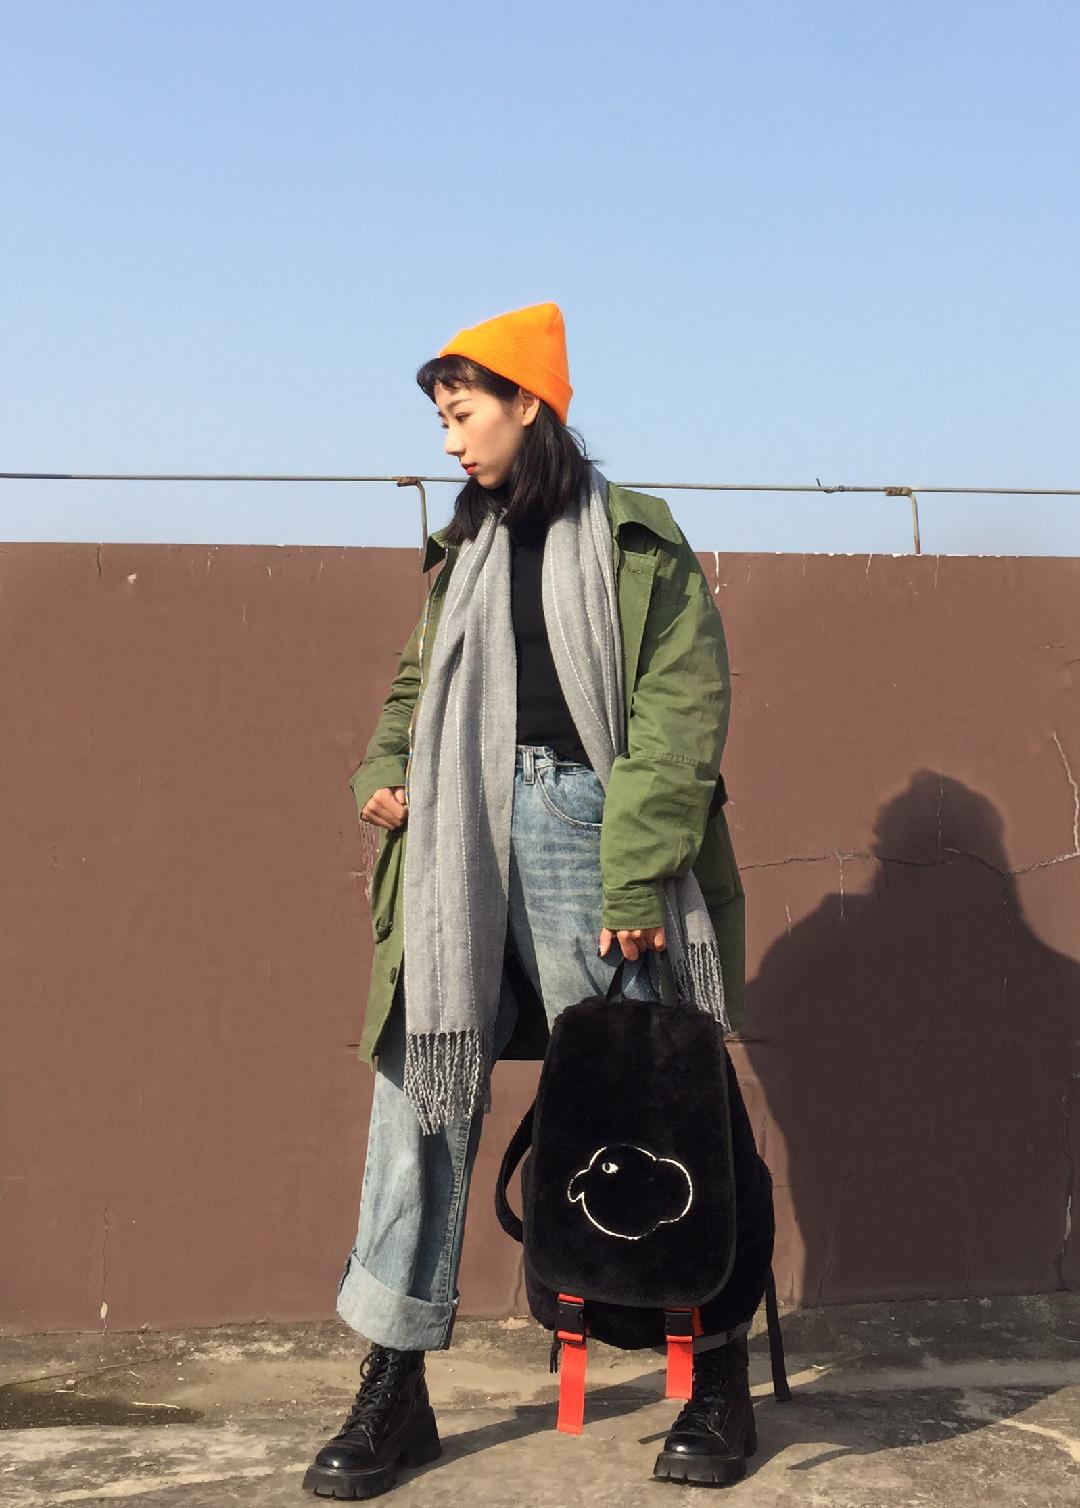 Vol.184#这次是年底见家长的乖乖女# 军绿色的大夹克很8错哦 冬天怎么能少了围巾  帽子和围巾就是最好的搭配神器哦 就算只是搭着也暖意十足 更加有层次感呀~